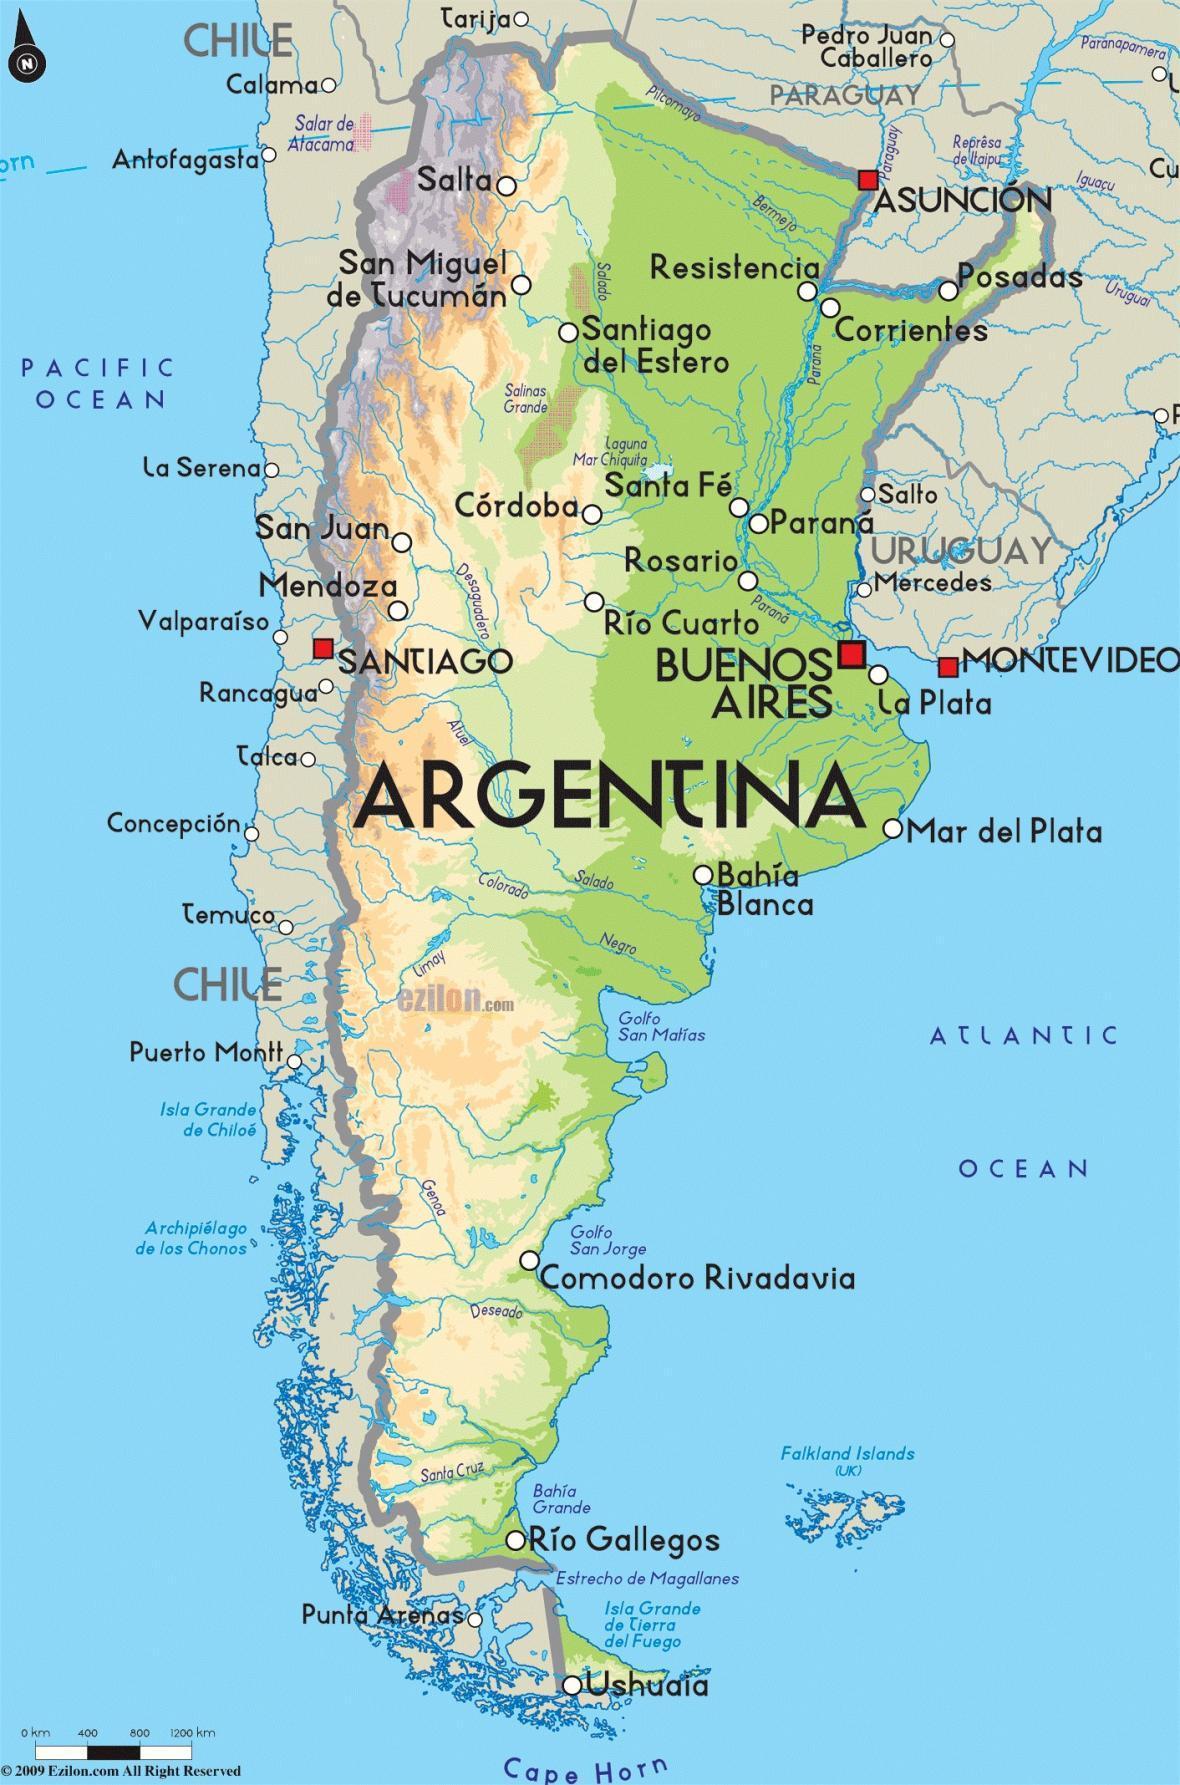 گرسنگان، پل پیروزی کاندیداهای آرژانتینی